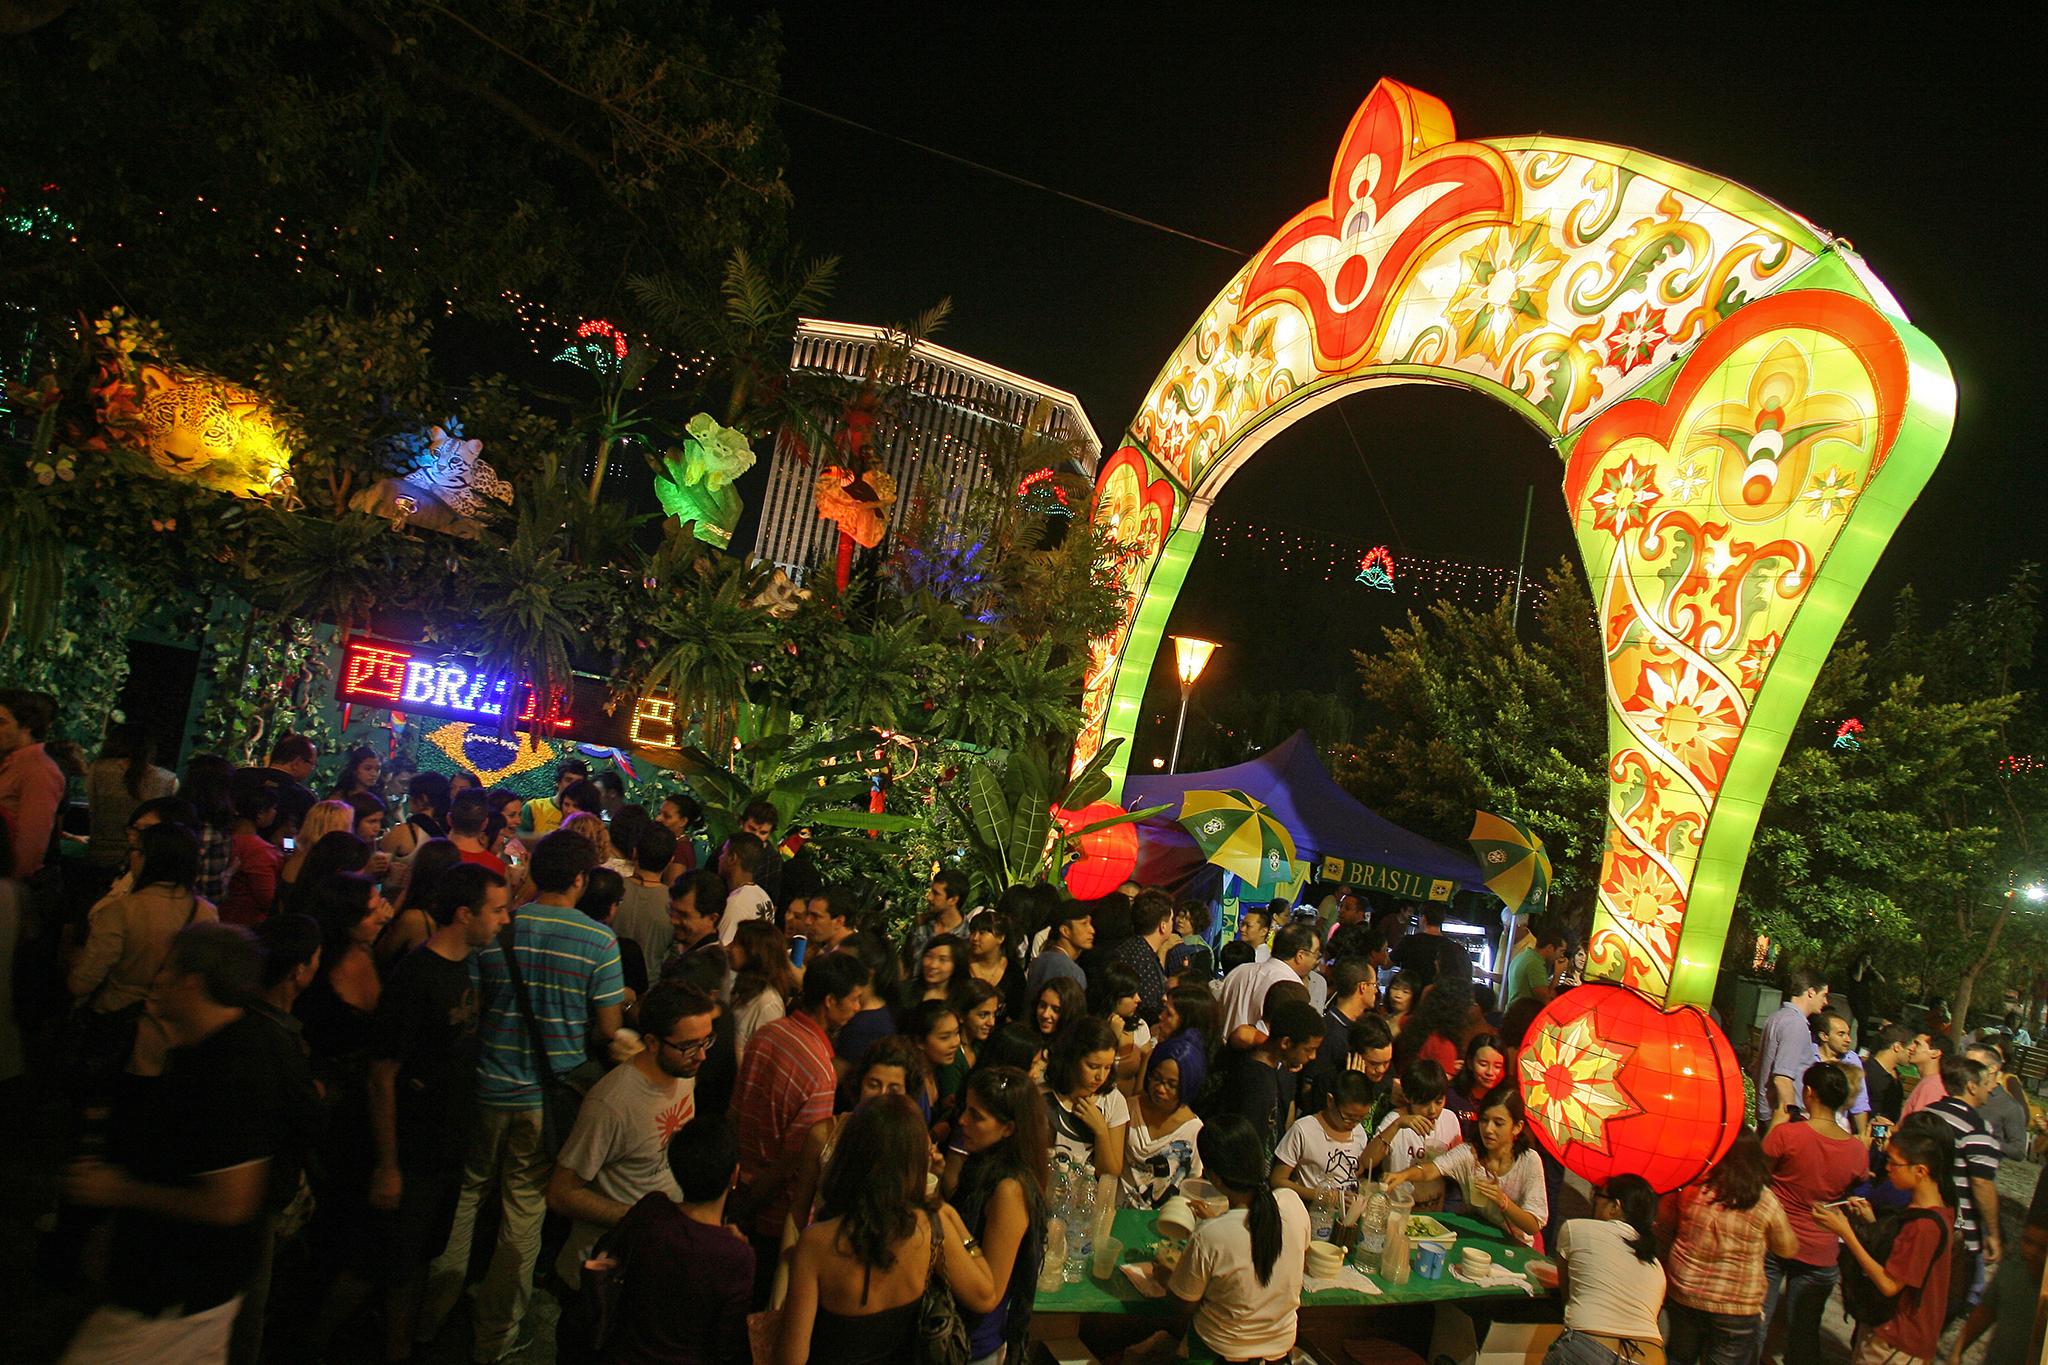 Intercâmbio | Nova associação quer promover cultura sino-lusófona a partir de Macau